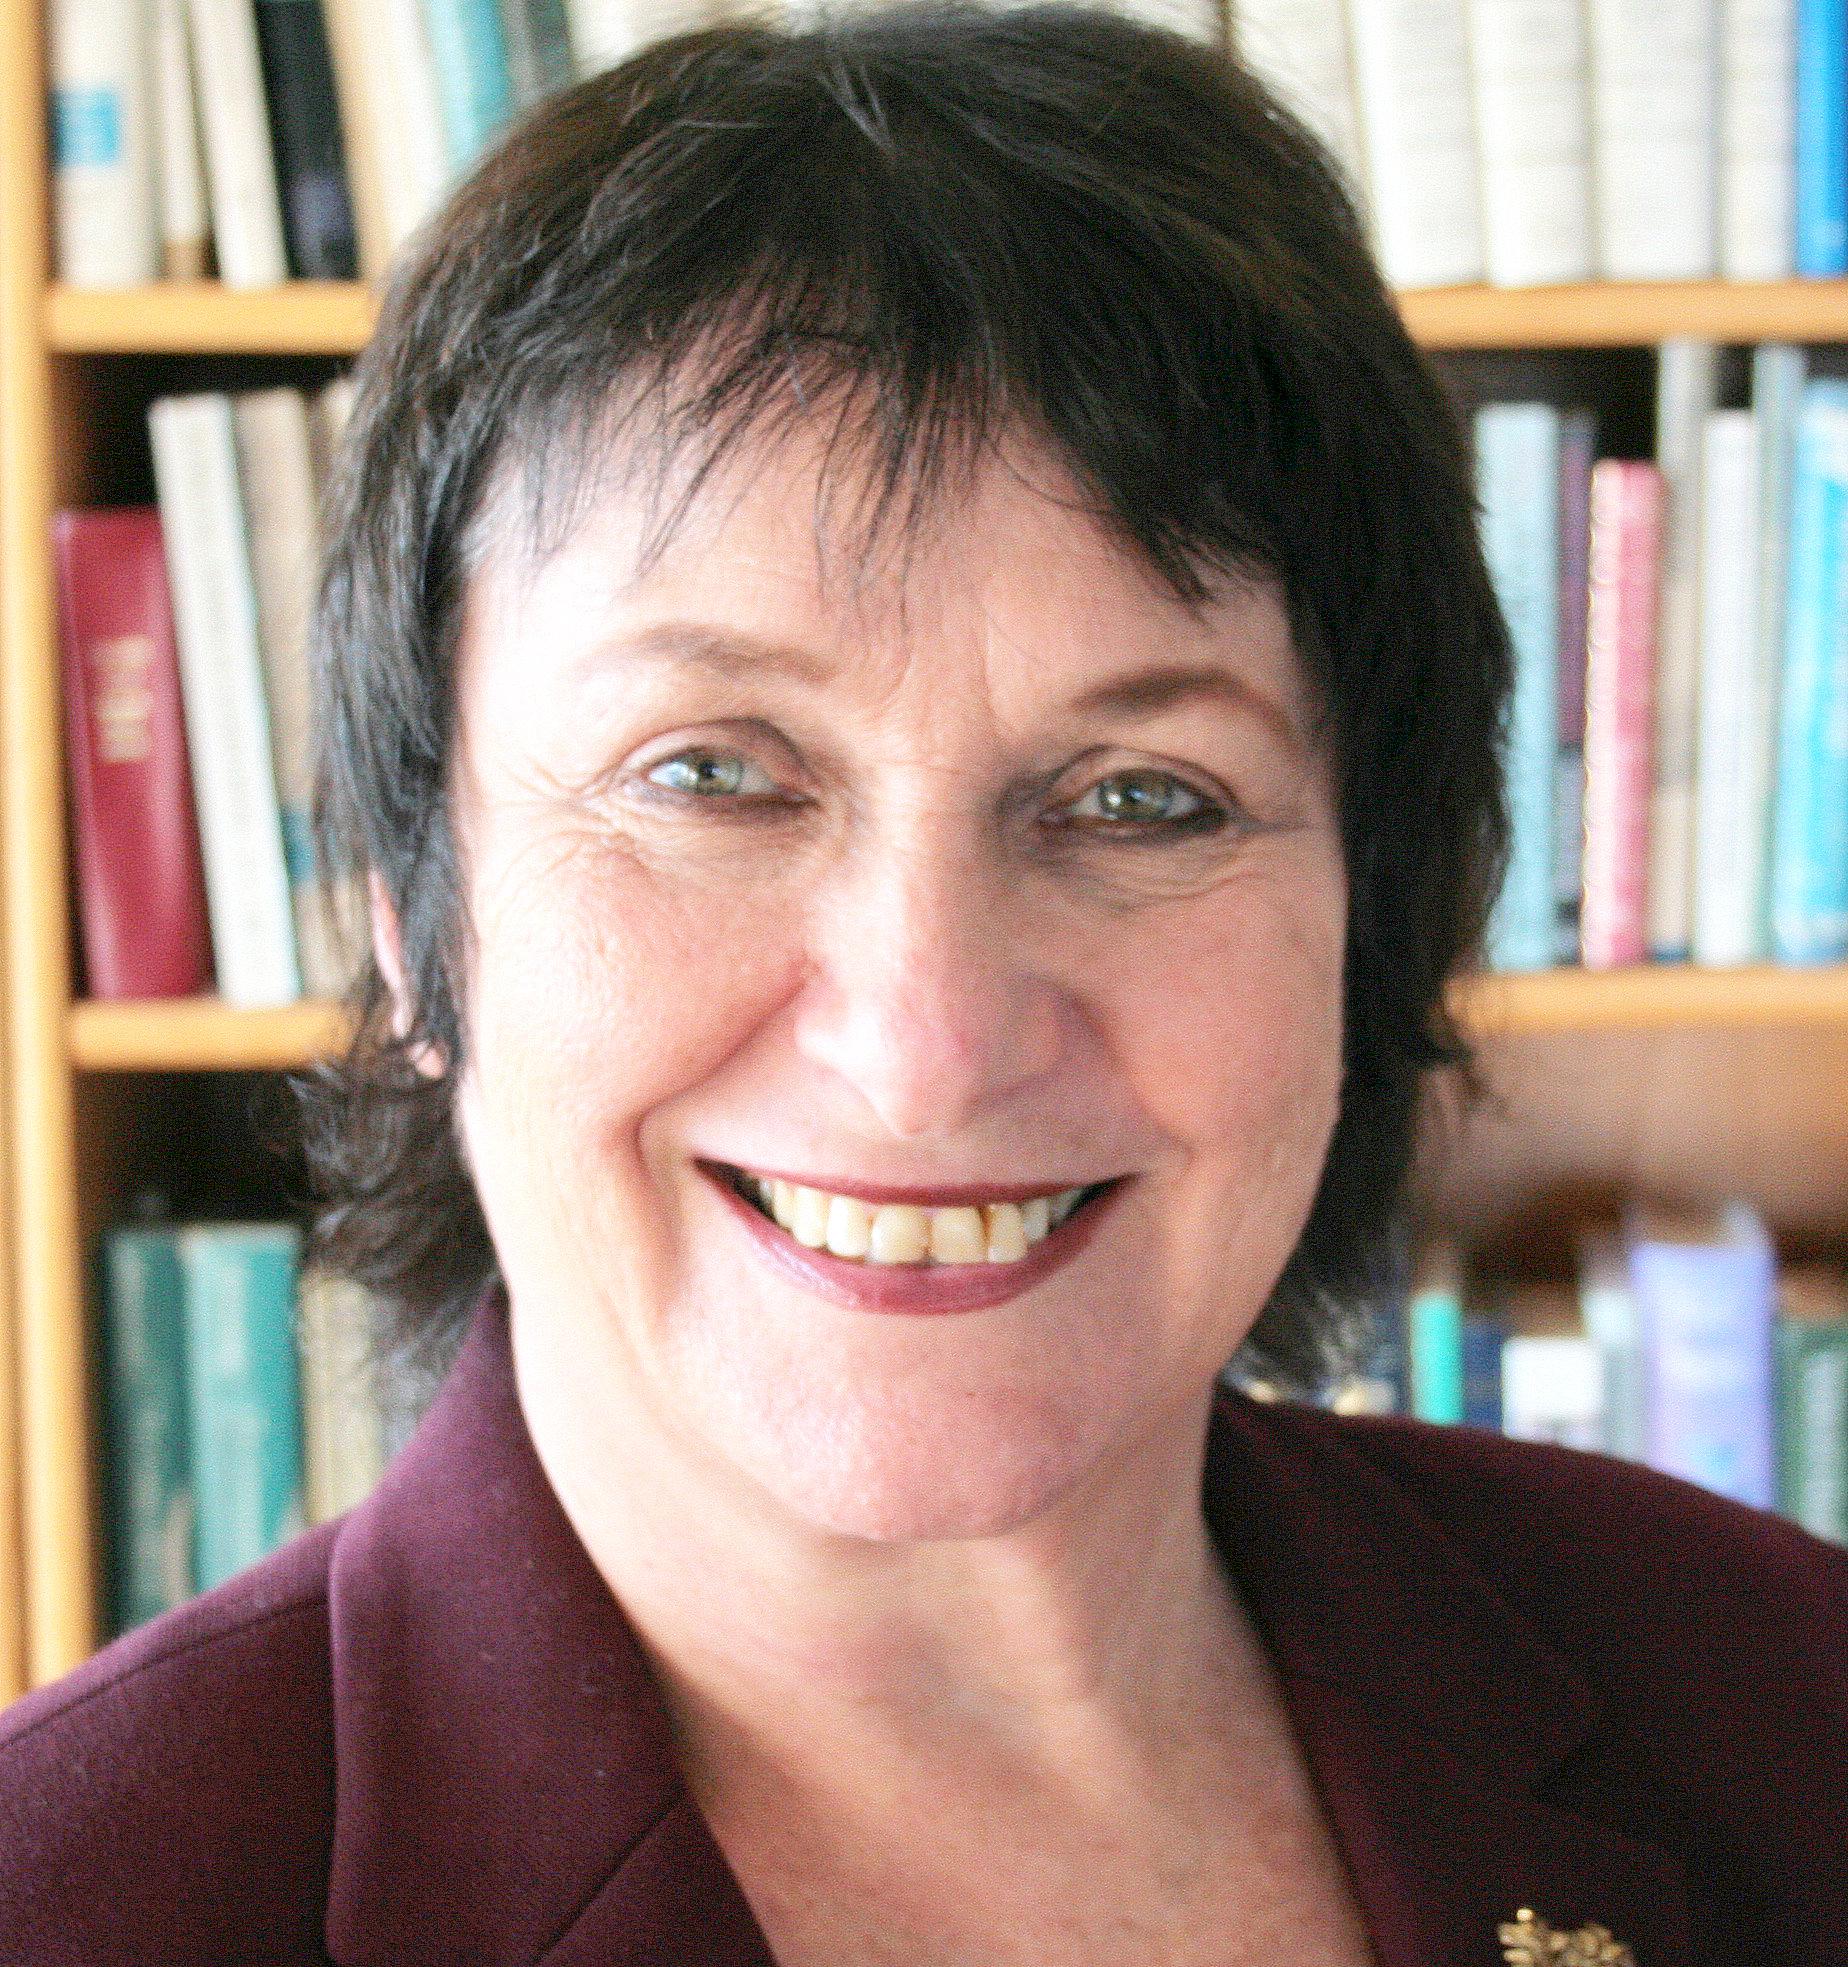 Brenda Shoshanna (Premium Author)